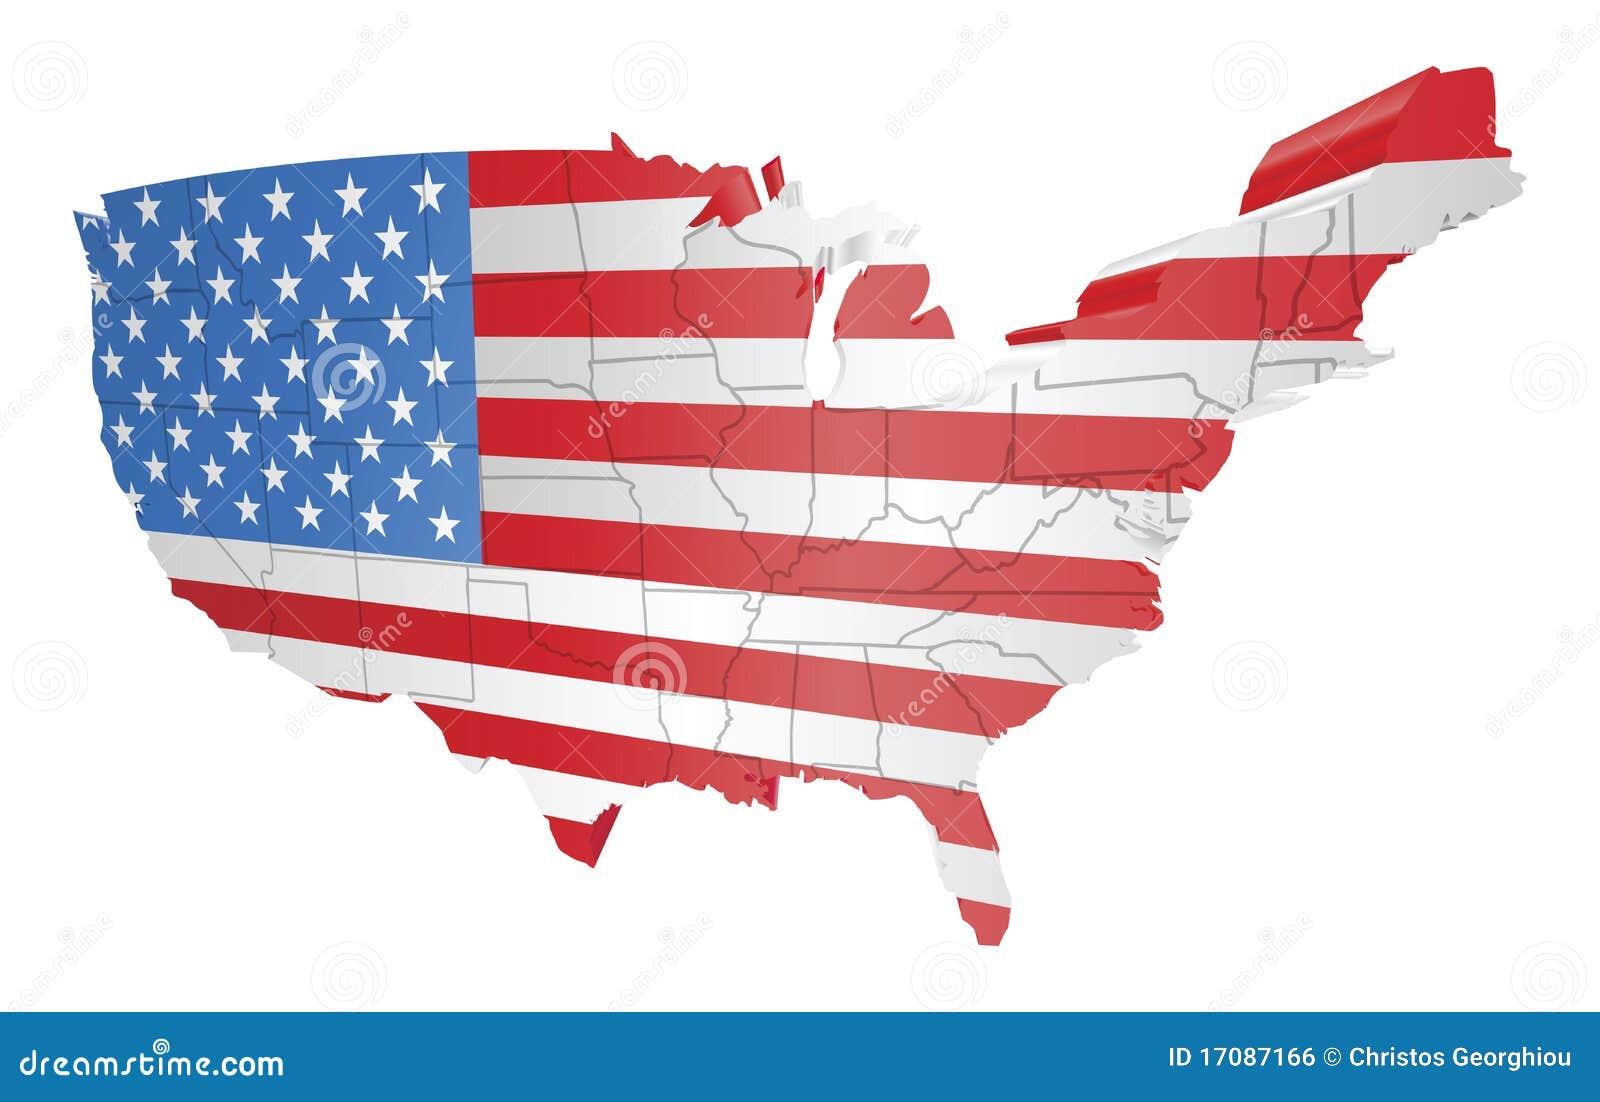 USA-Karte und Markierungsfahne